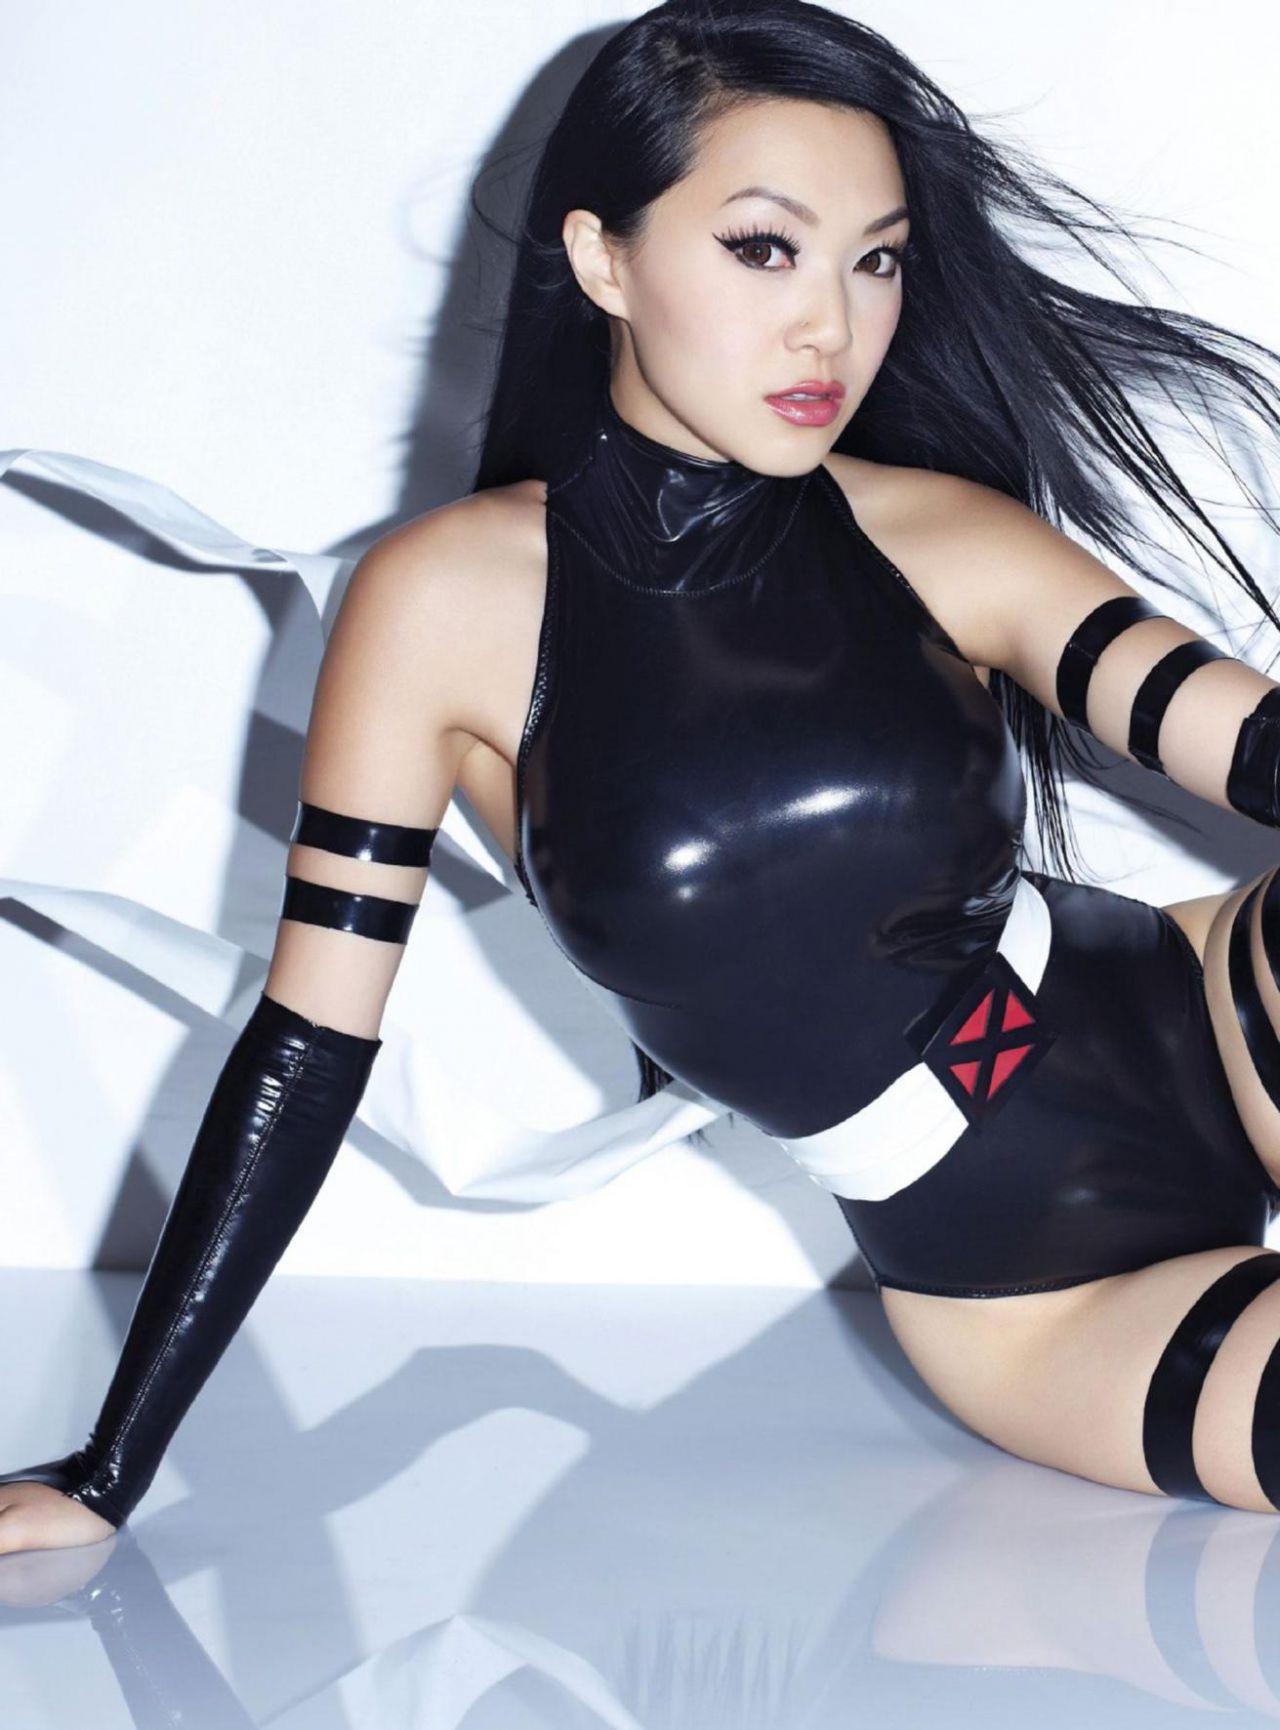 фото японок в латексе словам, секс